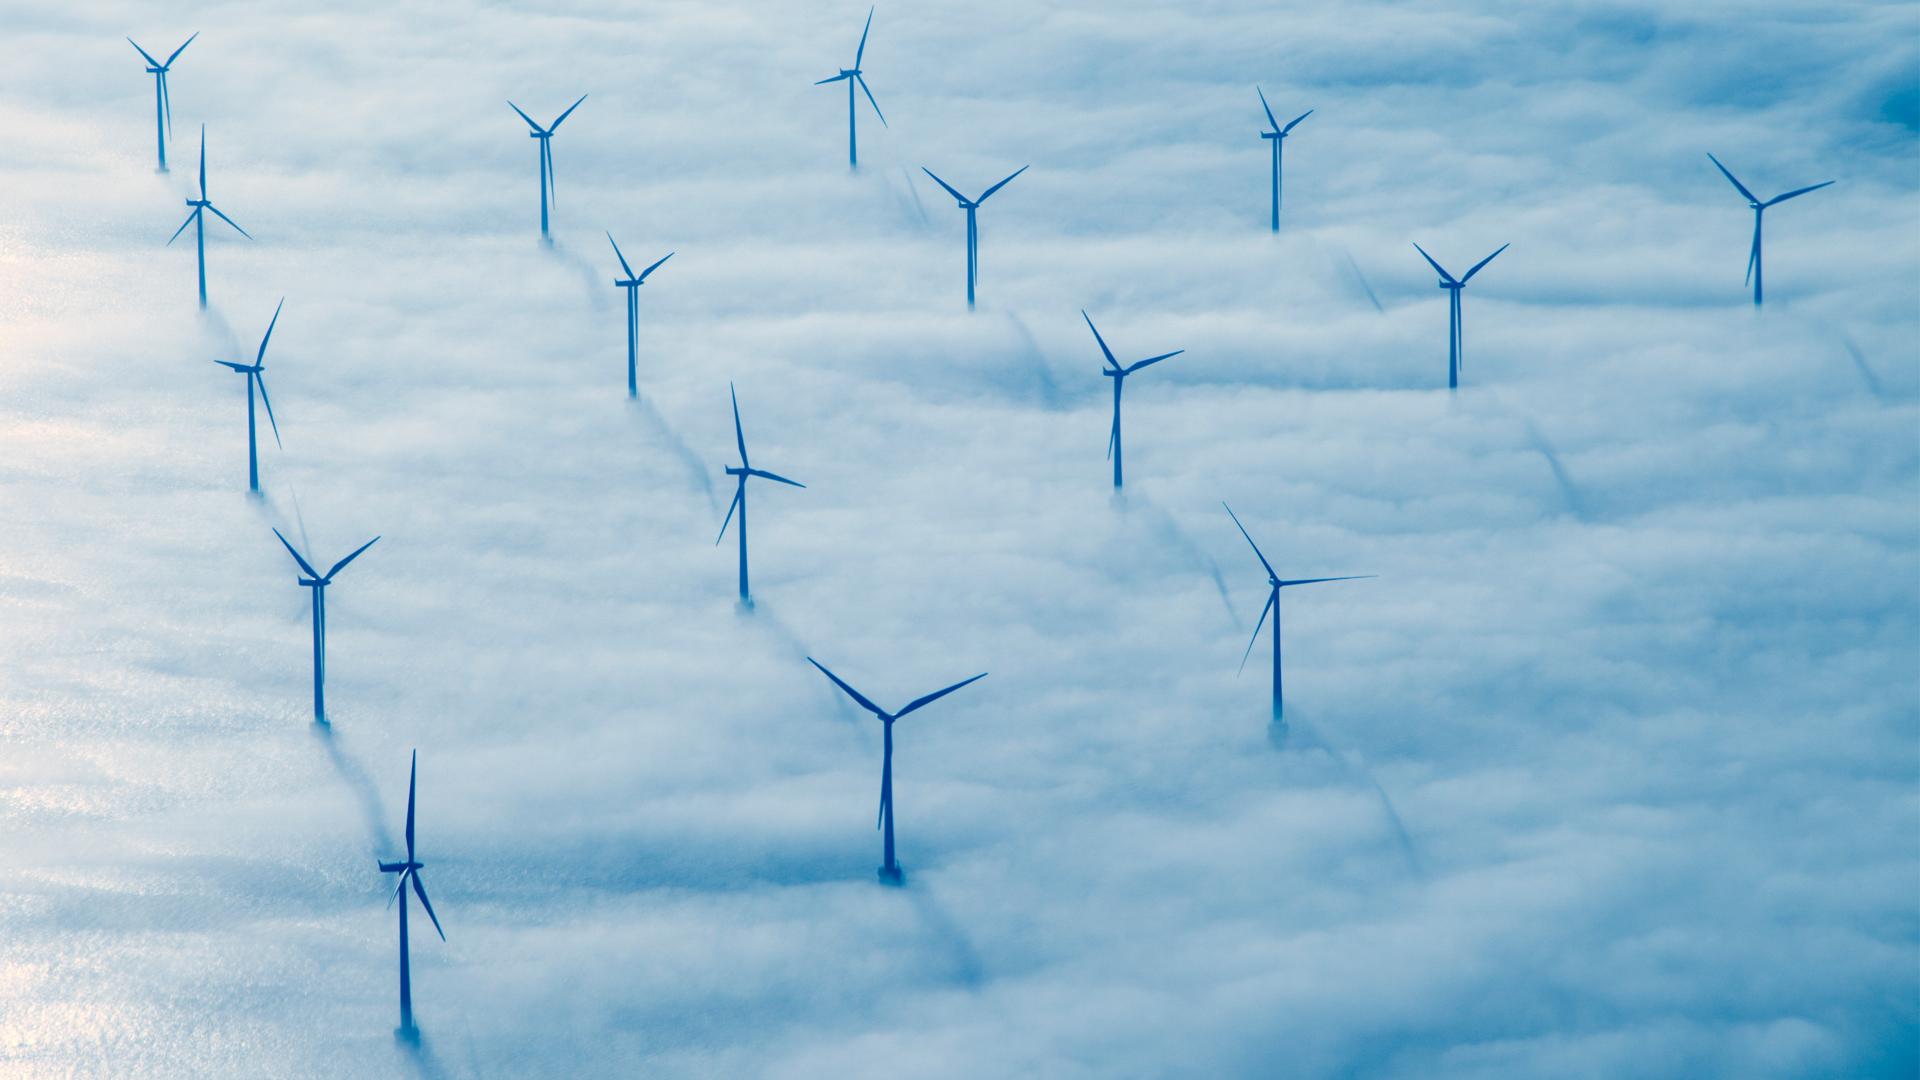 green transformation Denmark